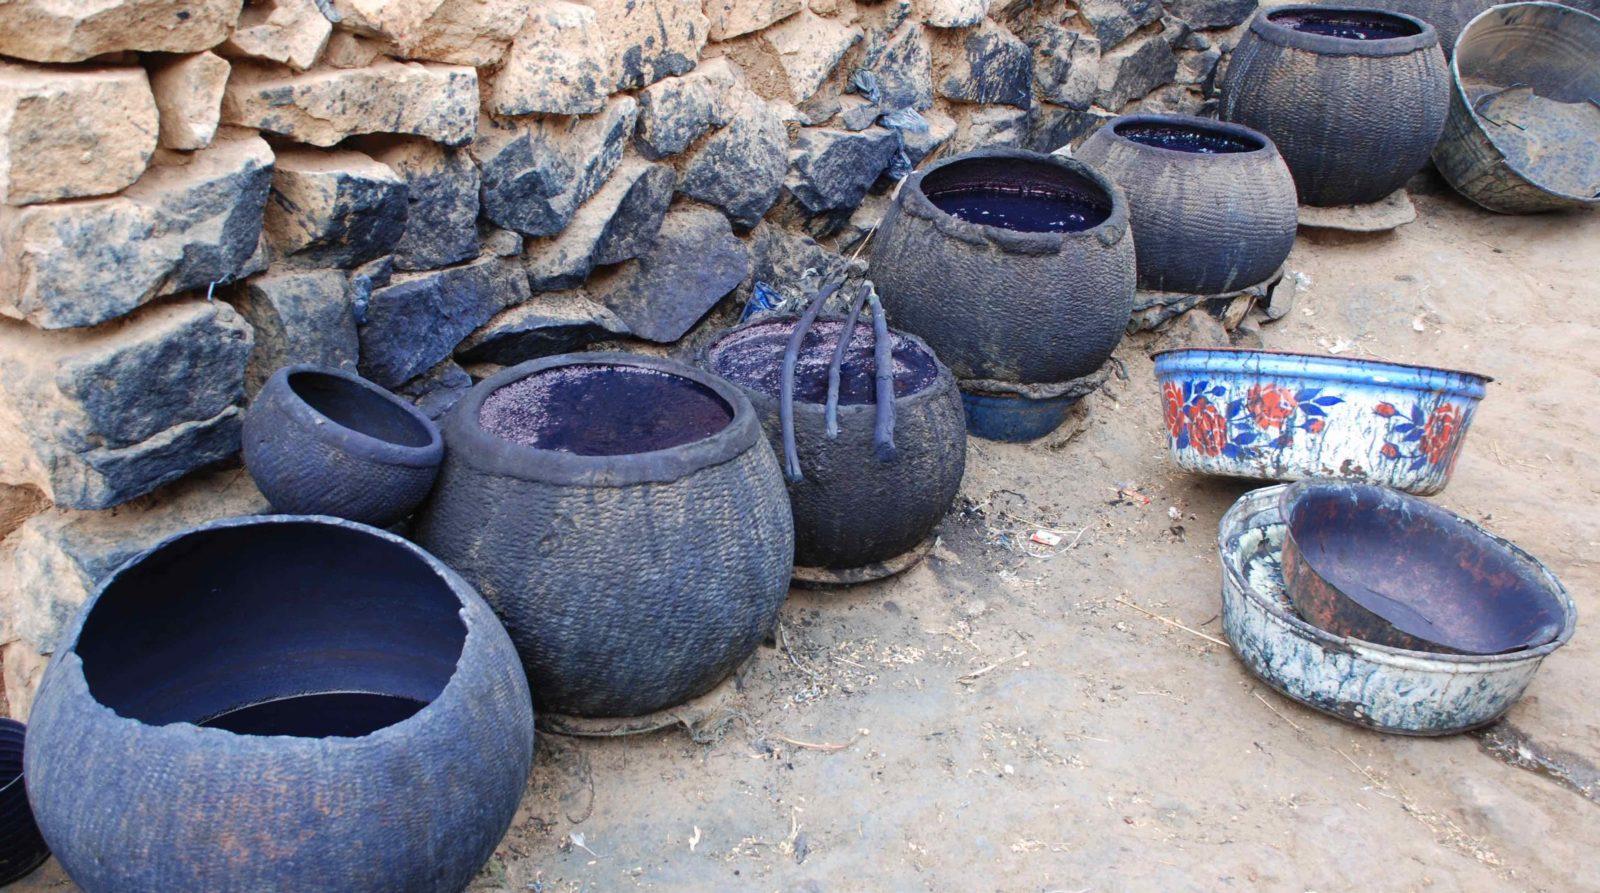 Musée de Bourgoin-Jallieu - exposition Indigo pots et couleur bleue